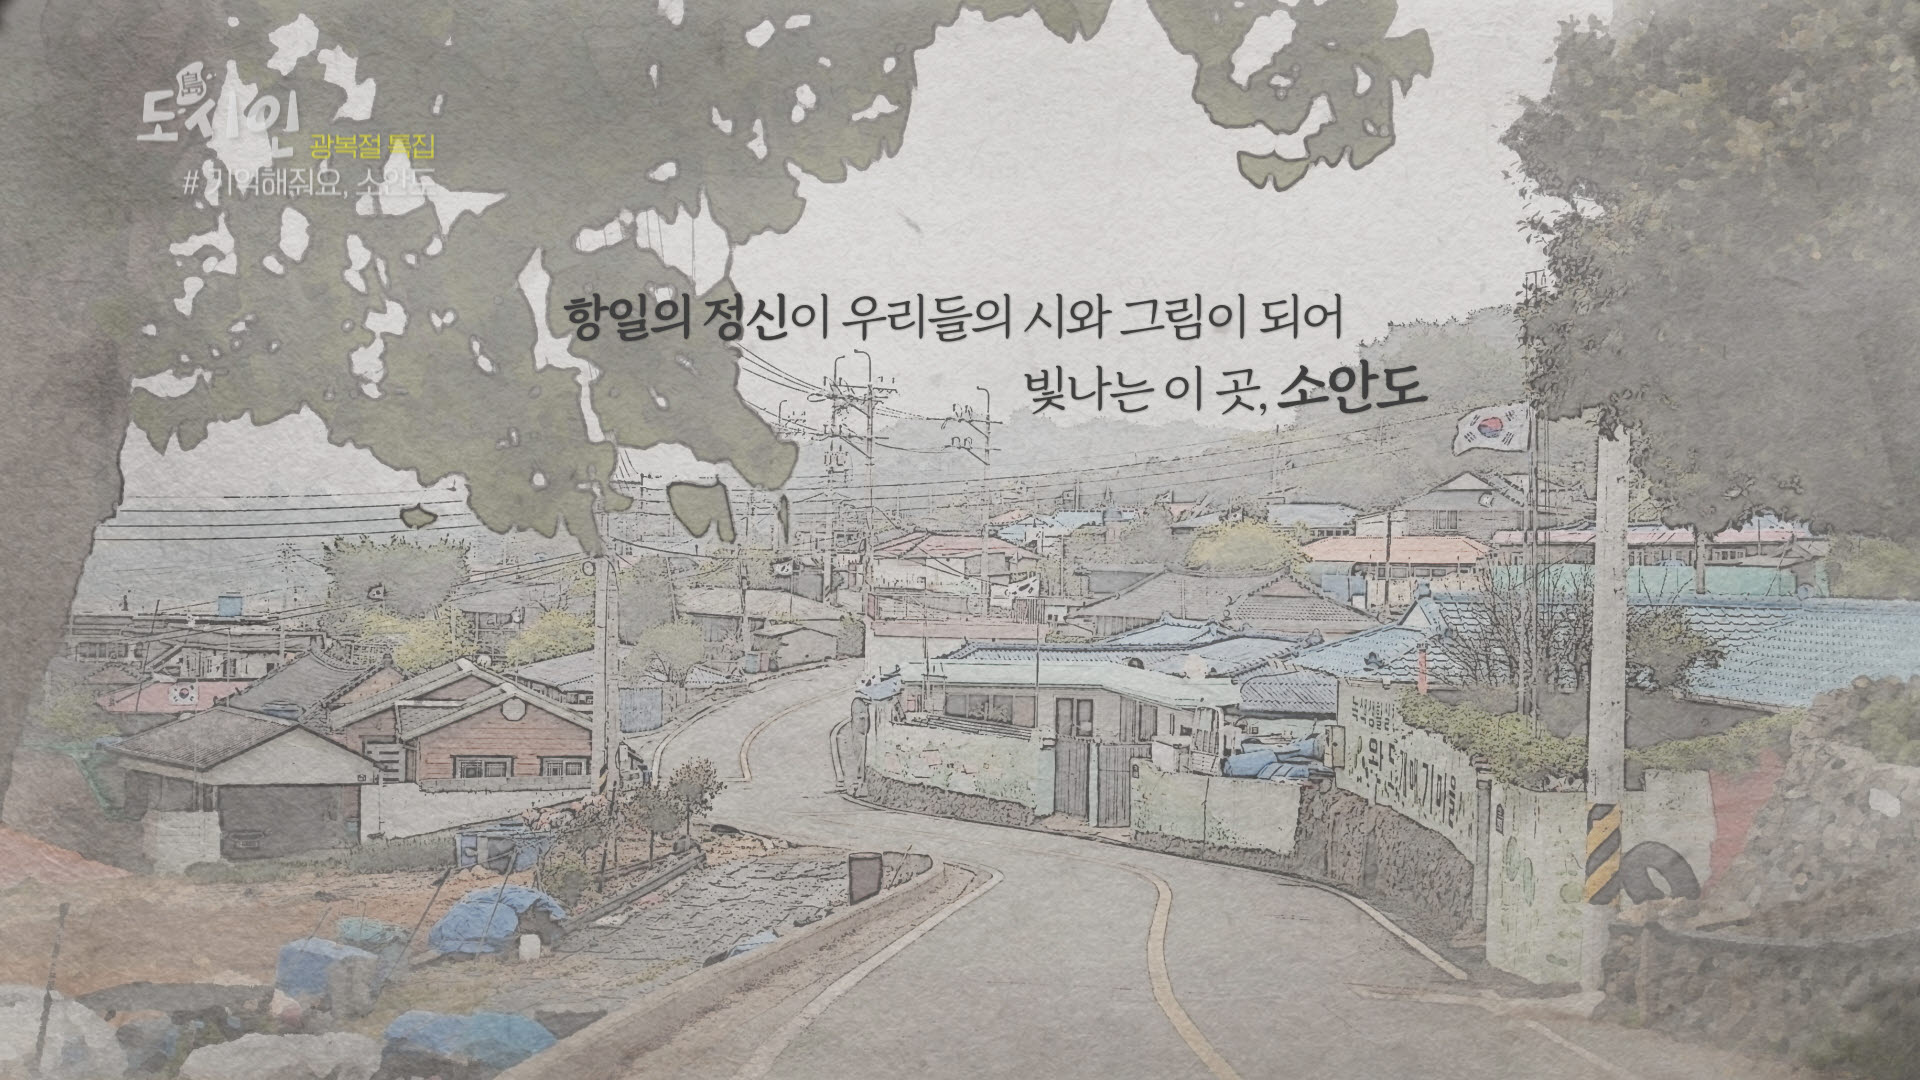 FTV 광복절 특집 '도(島)시인-소안도' 편 방영...항일투쟁의 역사 재조명